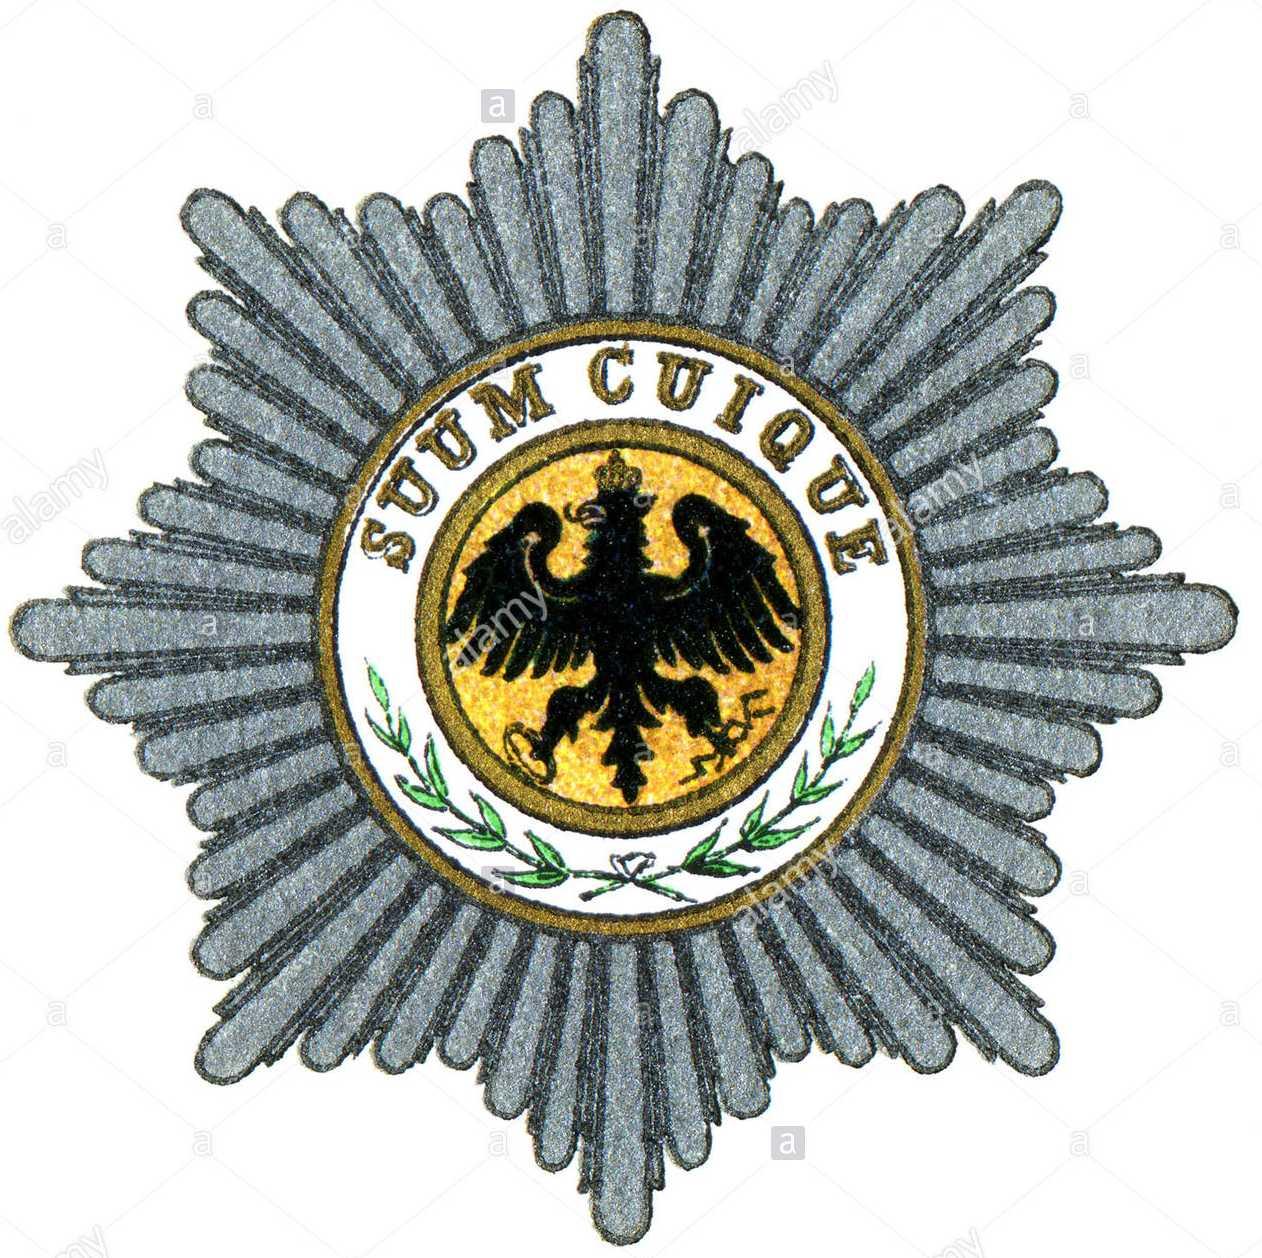 orden-vom-schwarzen-adler-mit-dem-motto-suum-cuique-preussen-1701-ce812a.jpg